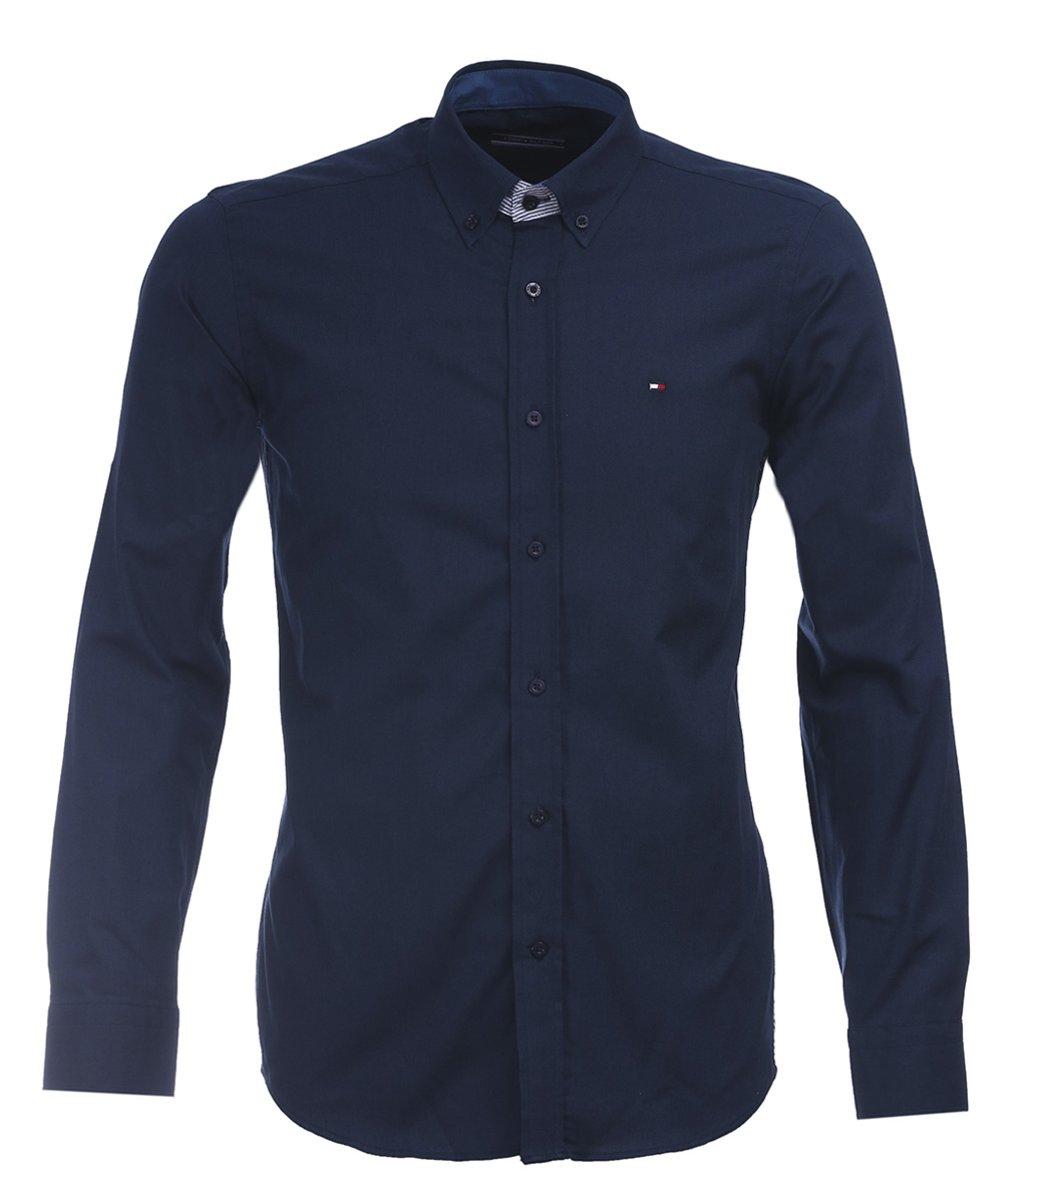 Темно-синяя рубашка Tommy Hilfiger classic